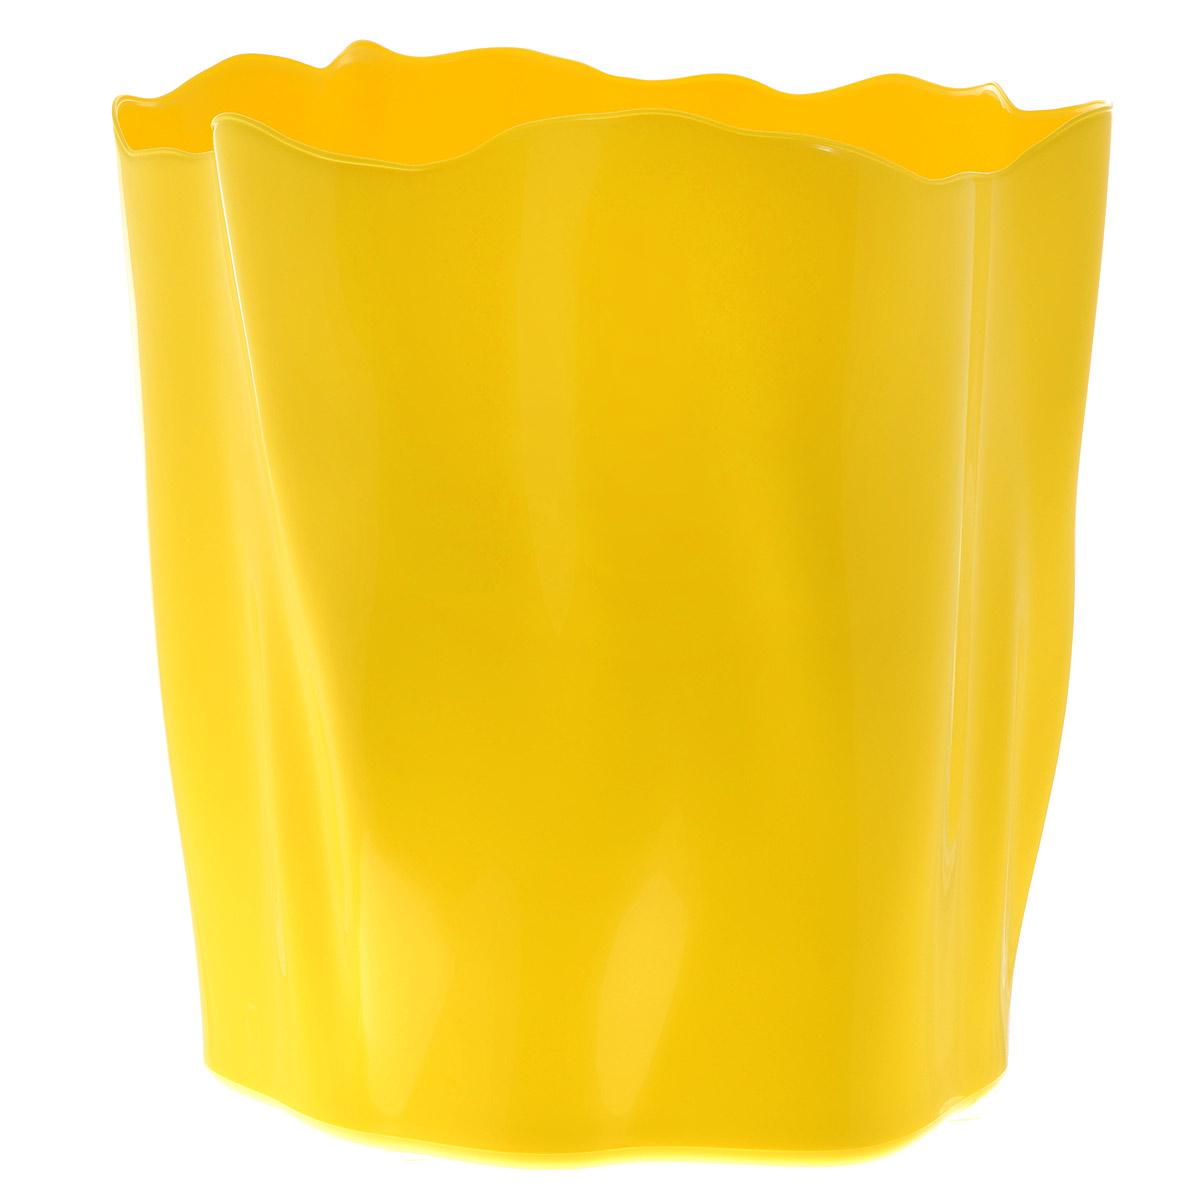 Органайзер Qualy Flow, большой, цвет: желтый, диаметр 27 смQL10141-YWОрганайзер Qualy Flow может пригодиться на кухне, в ванной, в гостиной, на даче, на природе, в городе, в деревне. В него можно складывать фрукты, овощи, хлеб, кухонные приборы и аксессуары, всевозможные баночки, можно использовать органайзер как мусорную корзину, вазу. Все зависит от вашей фантазии и от хозяйственных потребностей! Пластиковый оригинальный органайзер пригодится везде!Диаметр: 27 см.Высота стенки: 28 см.